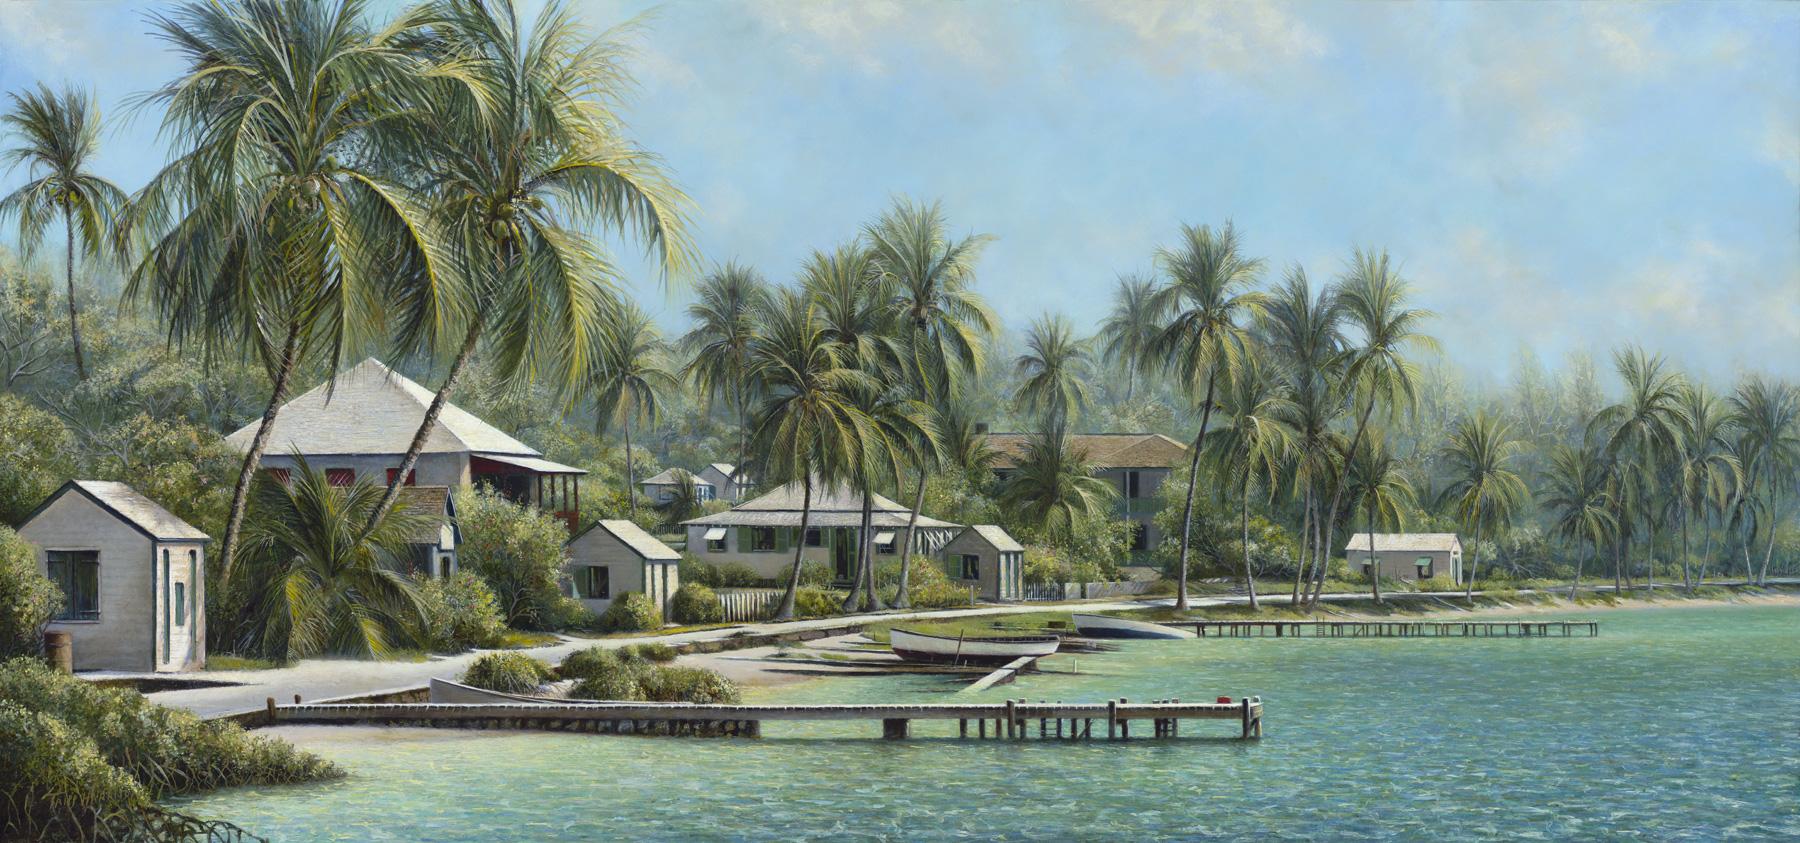 Old Bimini